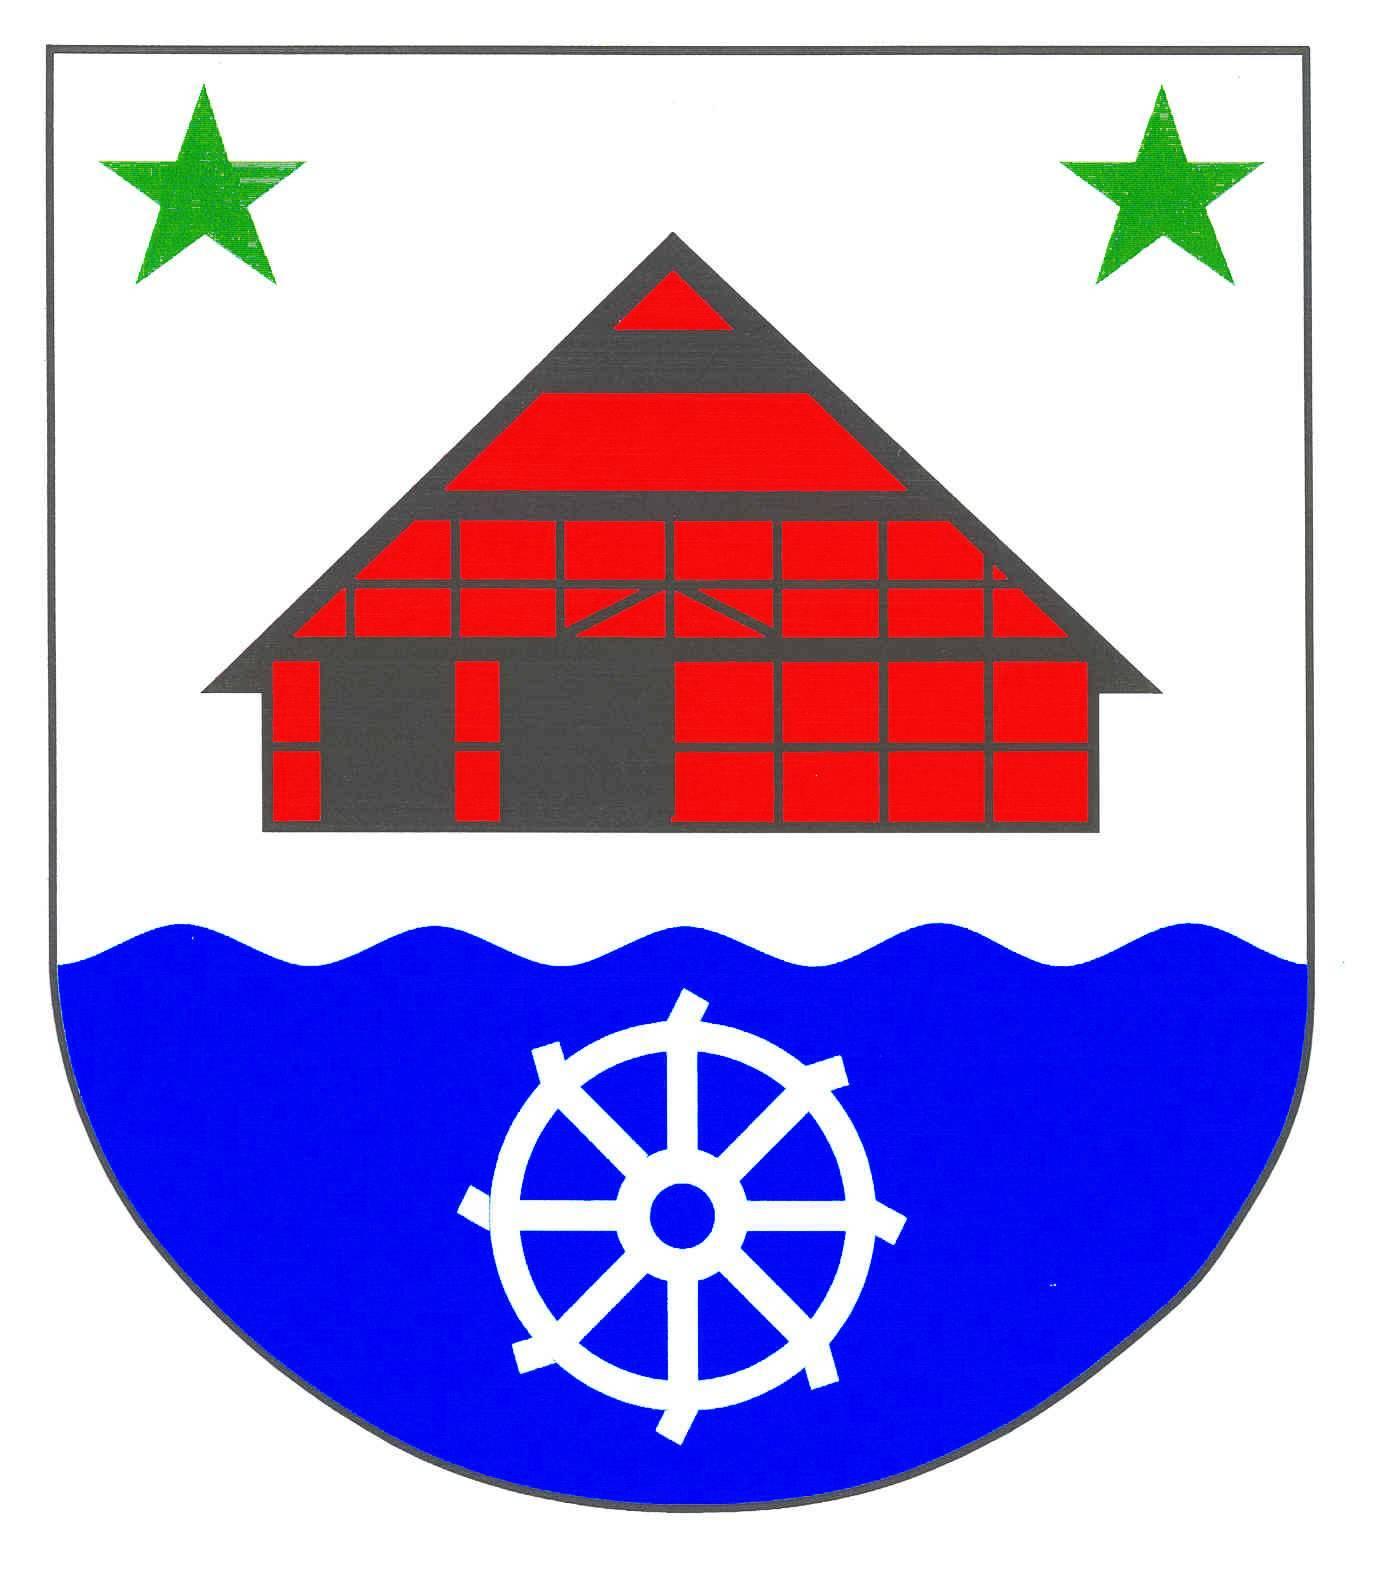 Wappen GemeindeMehlbek, Kreis Steinburg